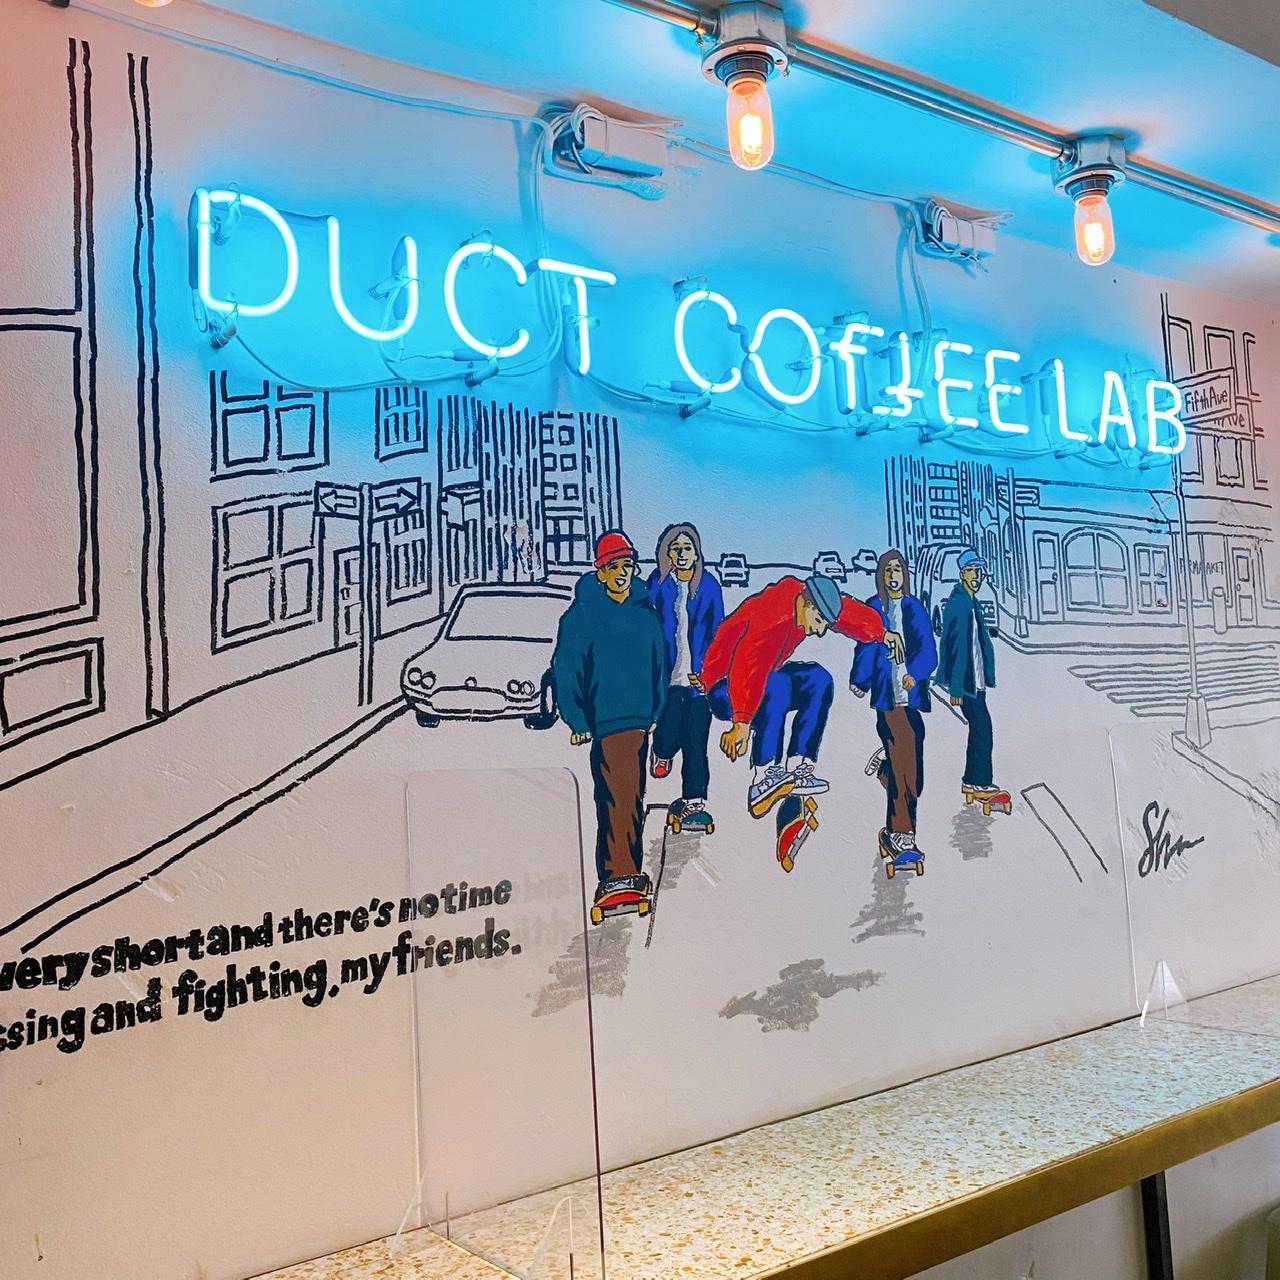 【代官山カフェ】SNSでよく見かける話題のミルクティー♡《DUCT COFFEE LAB》へ_7